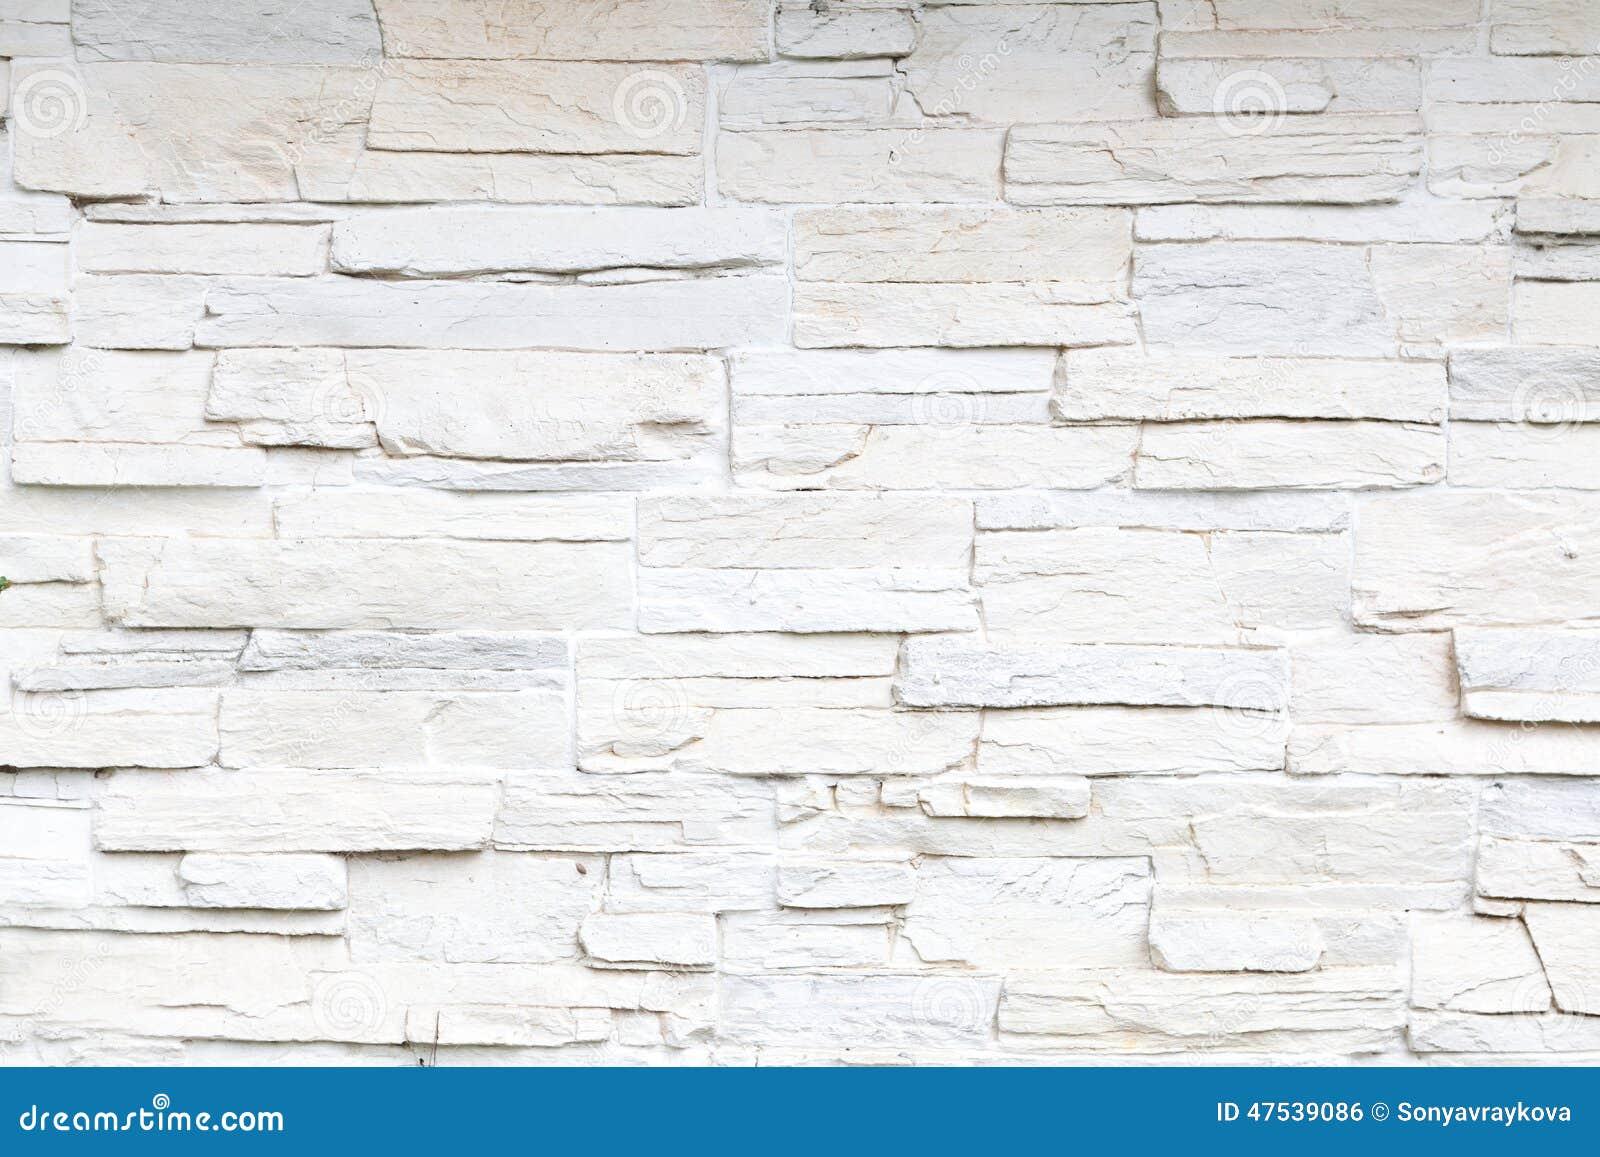 wei geschnittene steinwand stockfoto bild 47539086. Black Bedroom Furniture Sets. Home Design Ideas